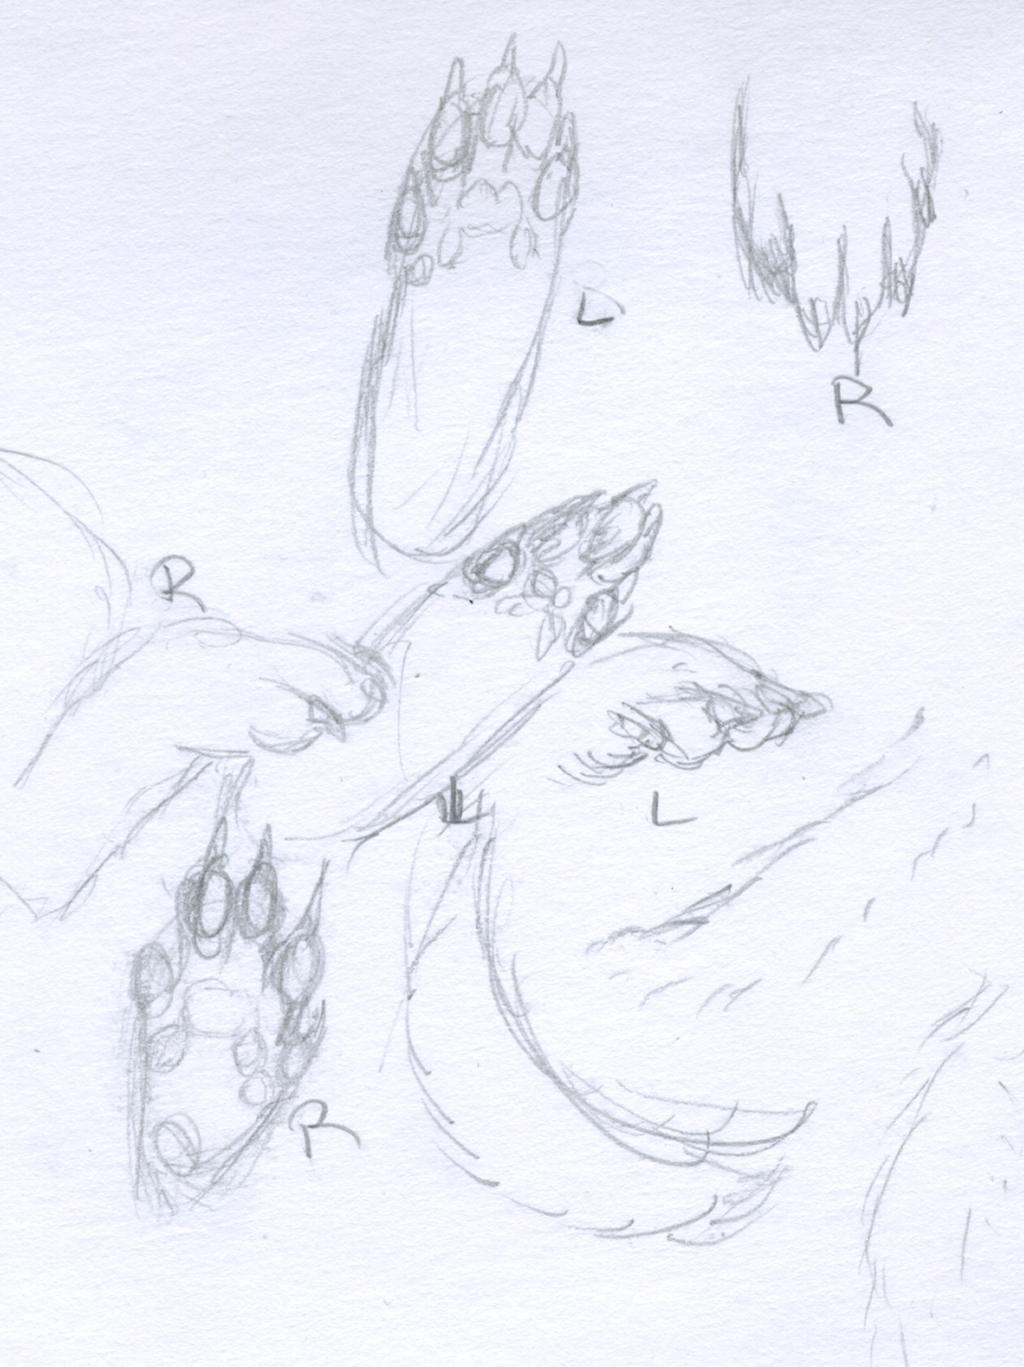 Ferret paws